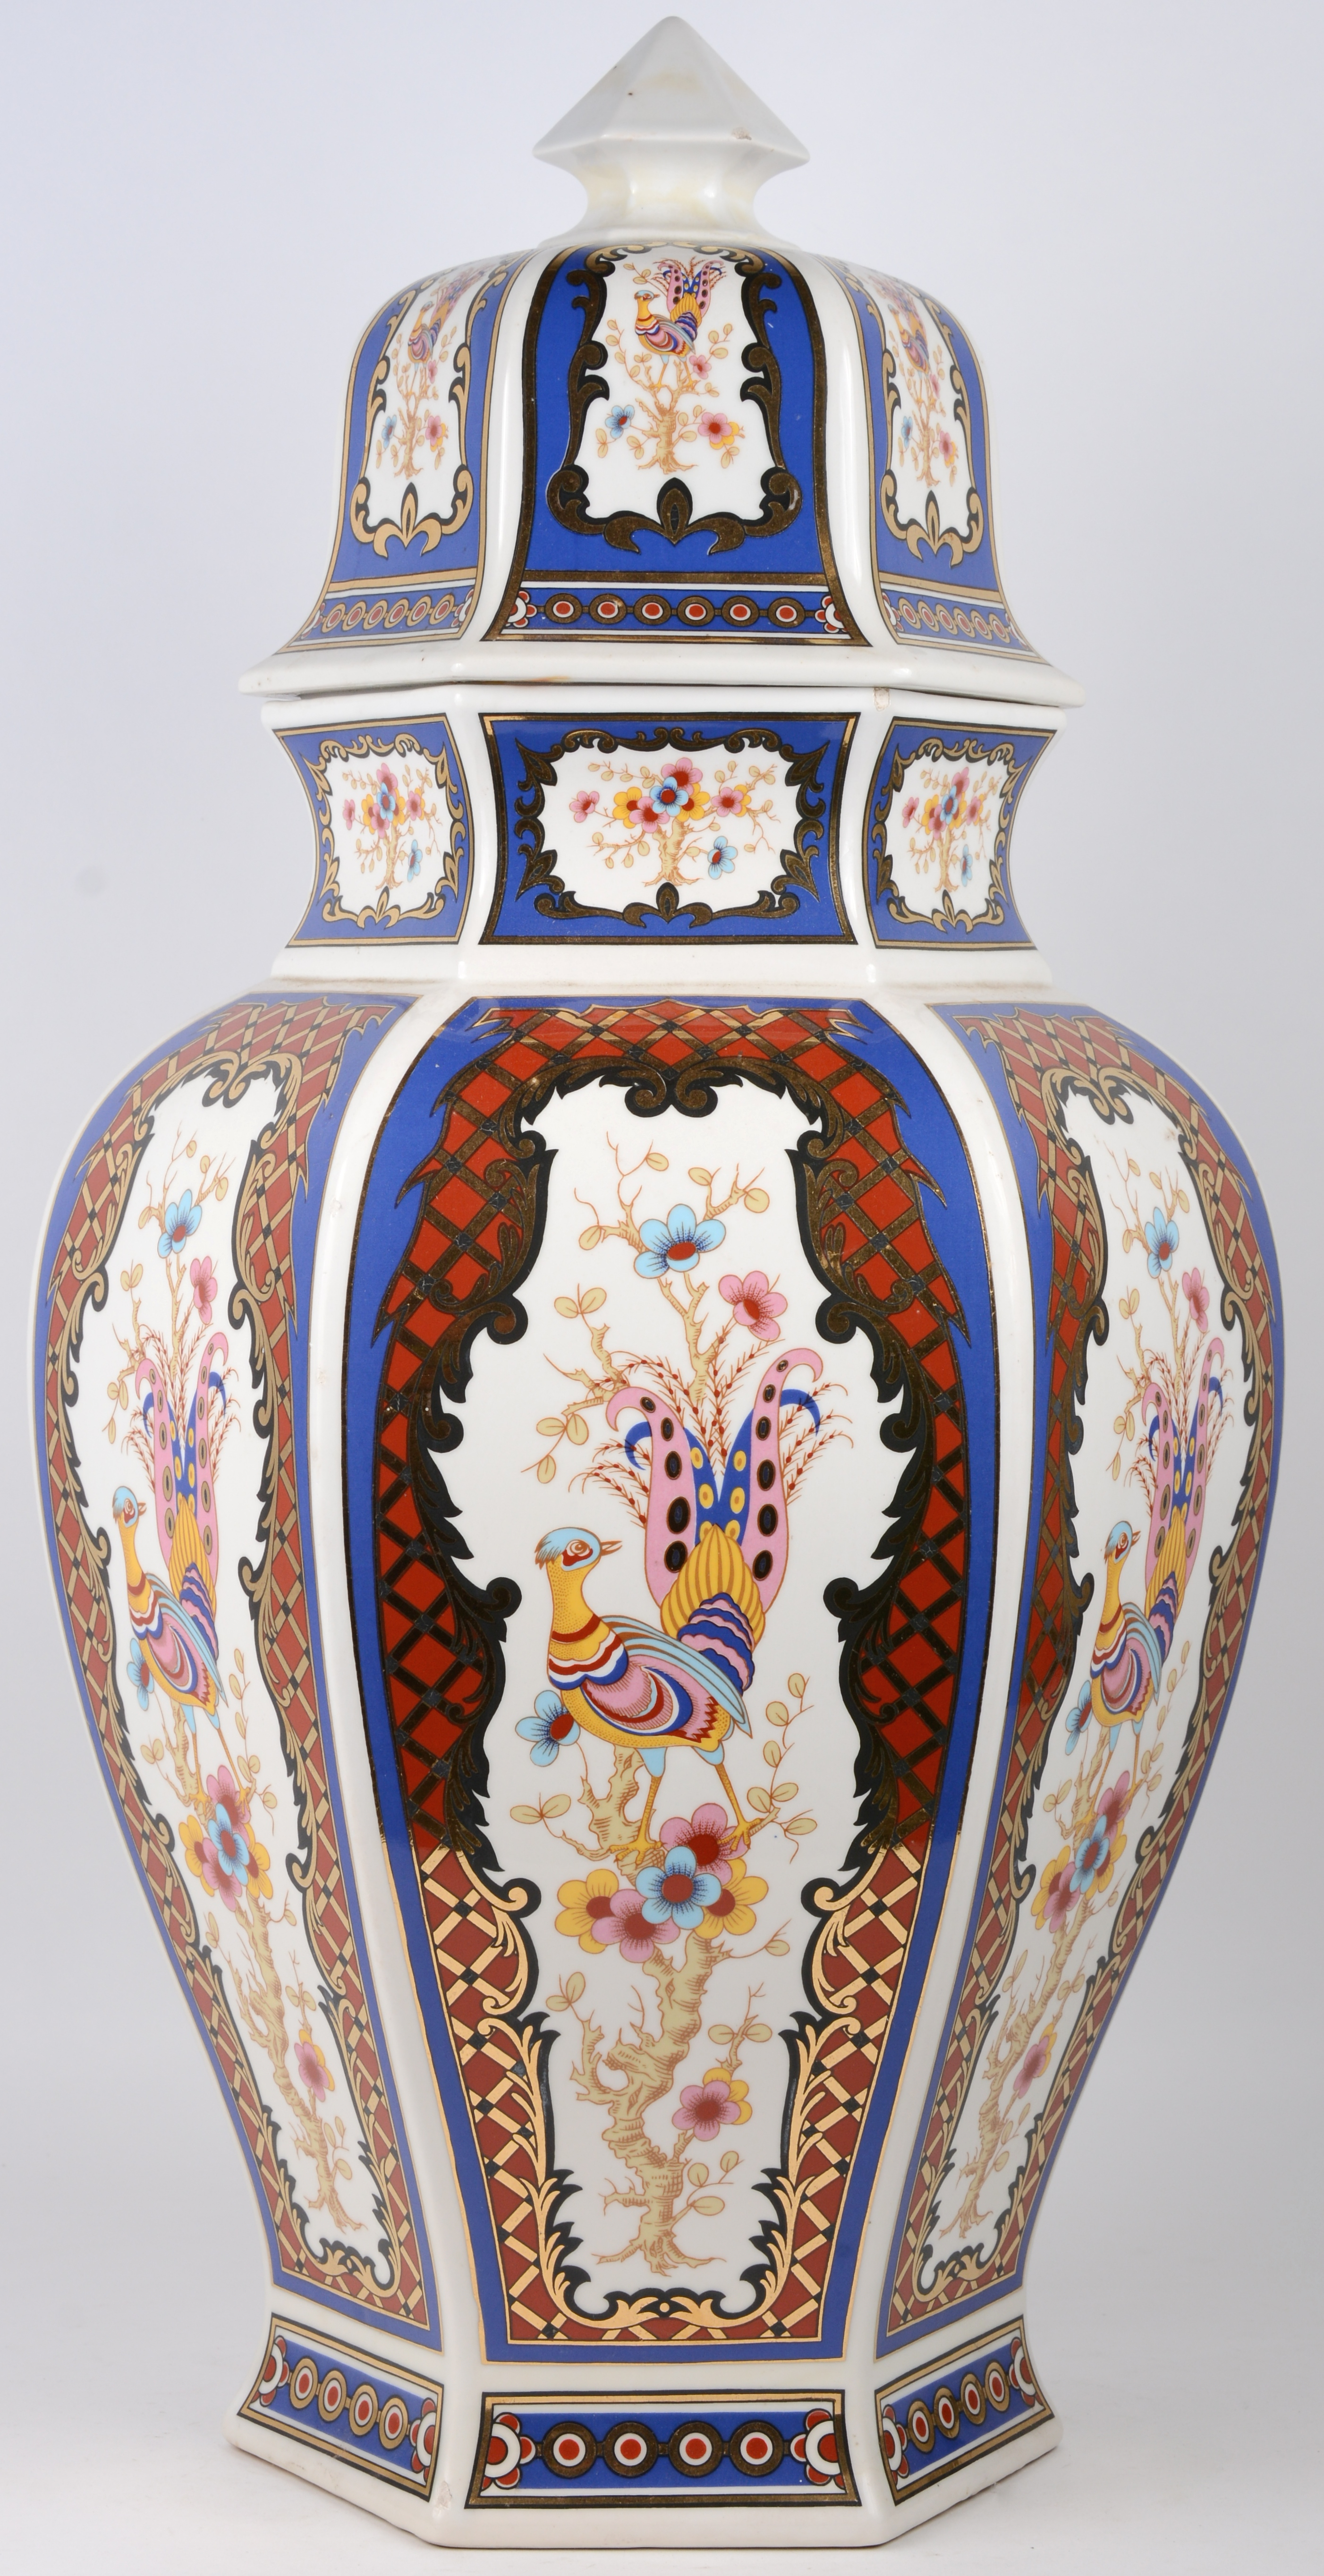 Een grote porseleinen dekselvaas met polychroom decor naar Japans voorbeeld.